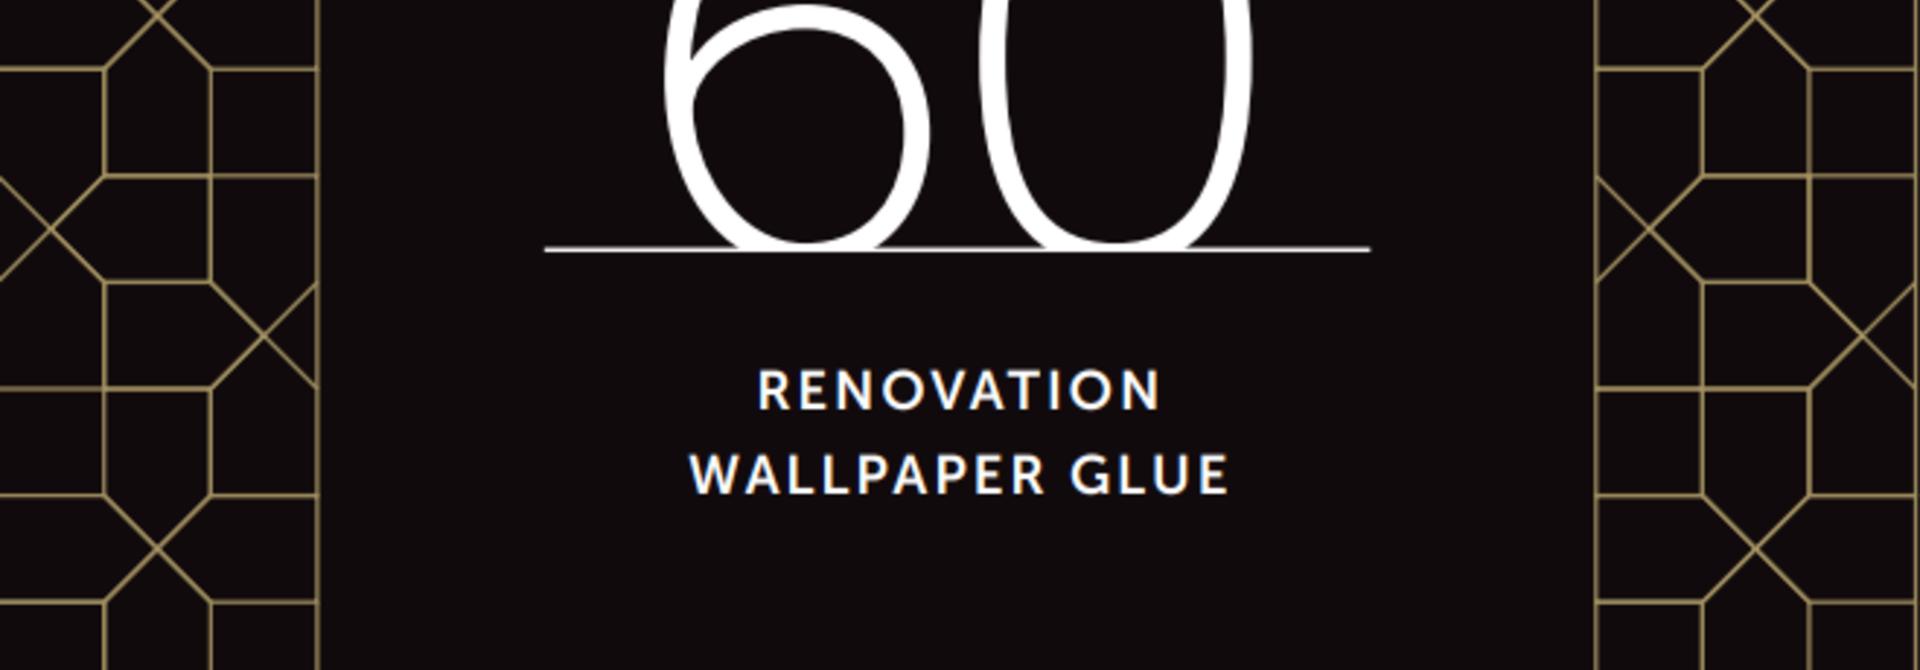 No. 60 RENOVATION WALLPAPER GLUE